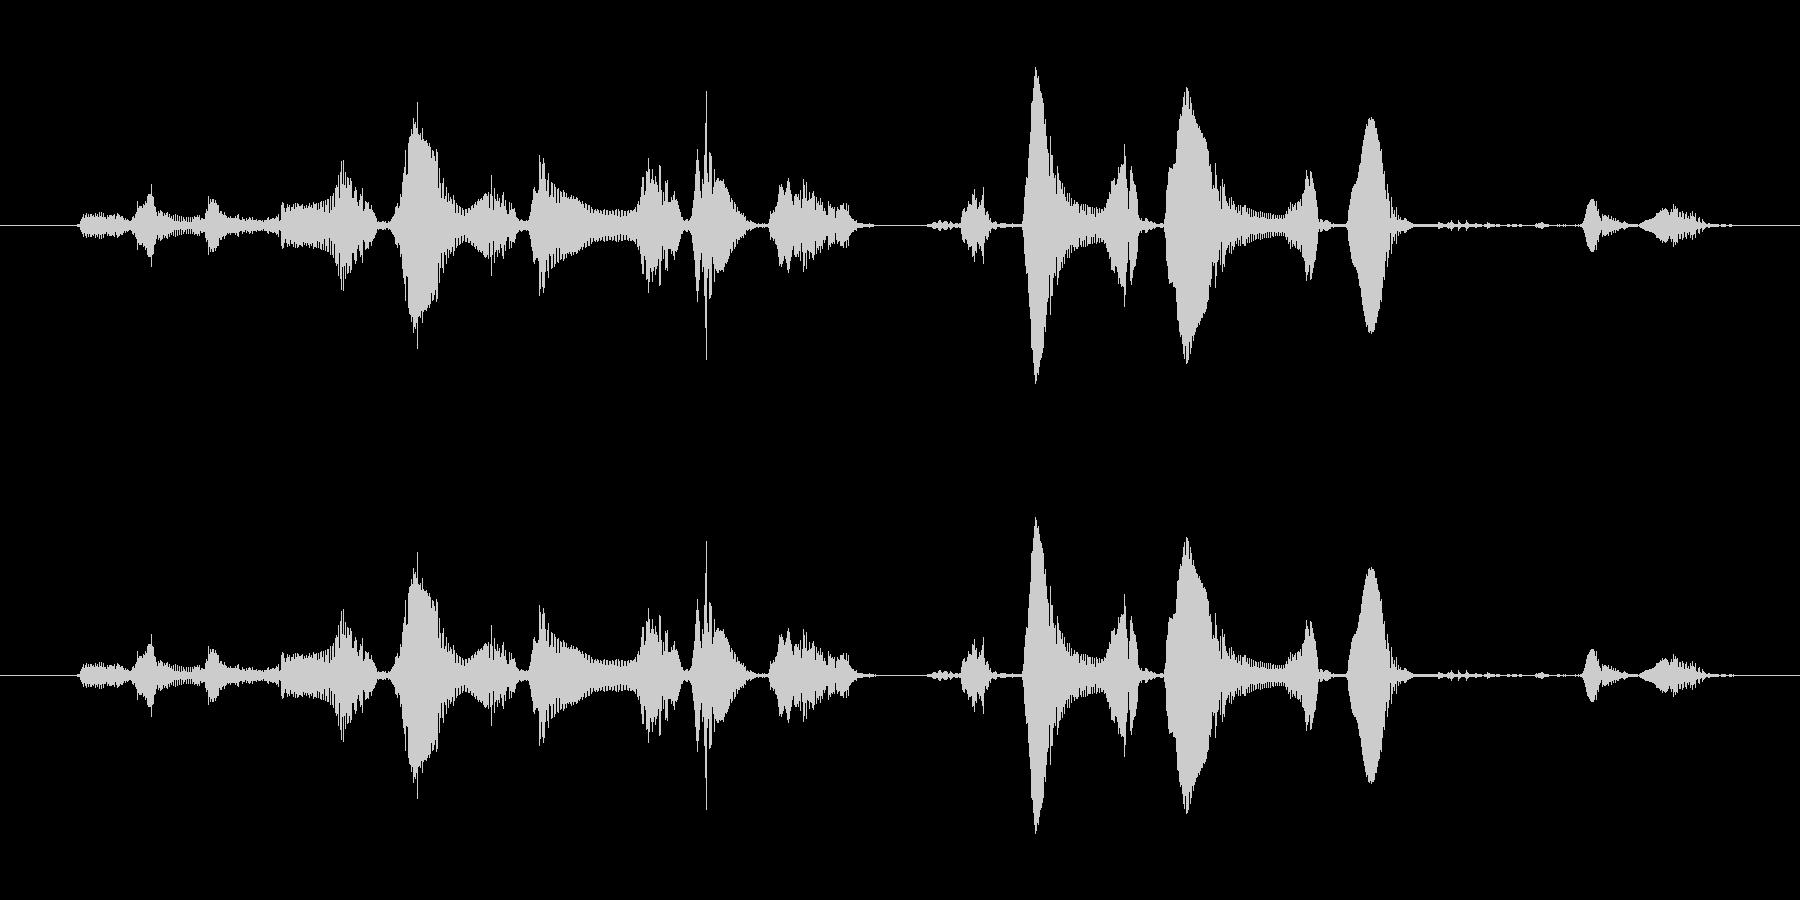 笑い声 - 4~5歳 女の子 - 32_の未再生の波形